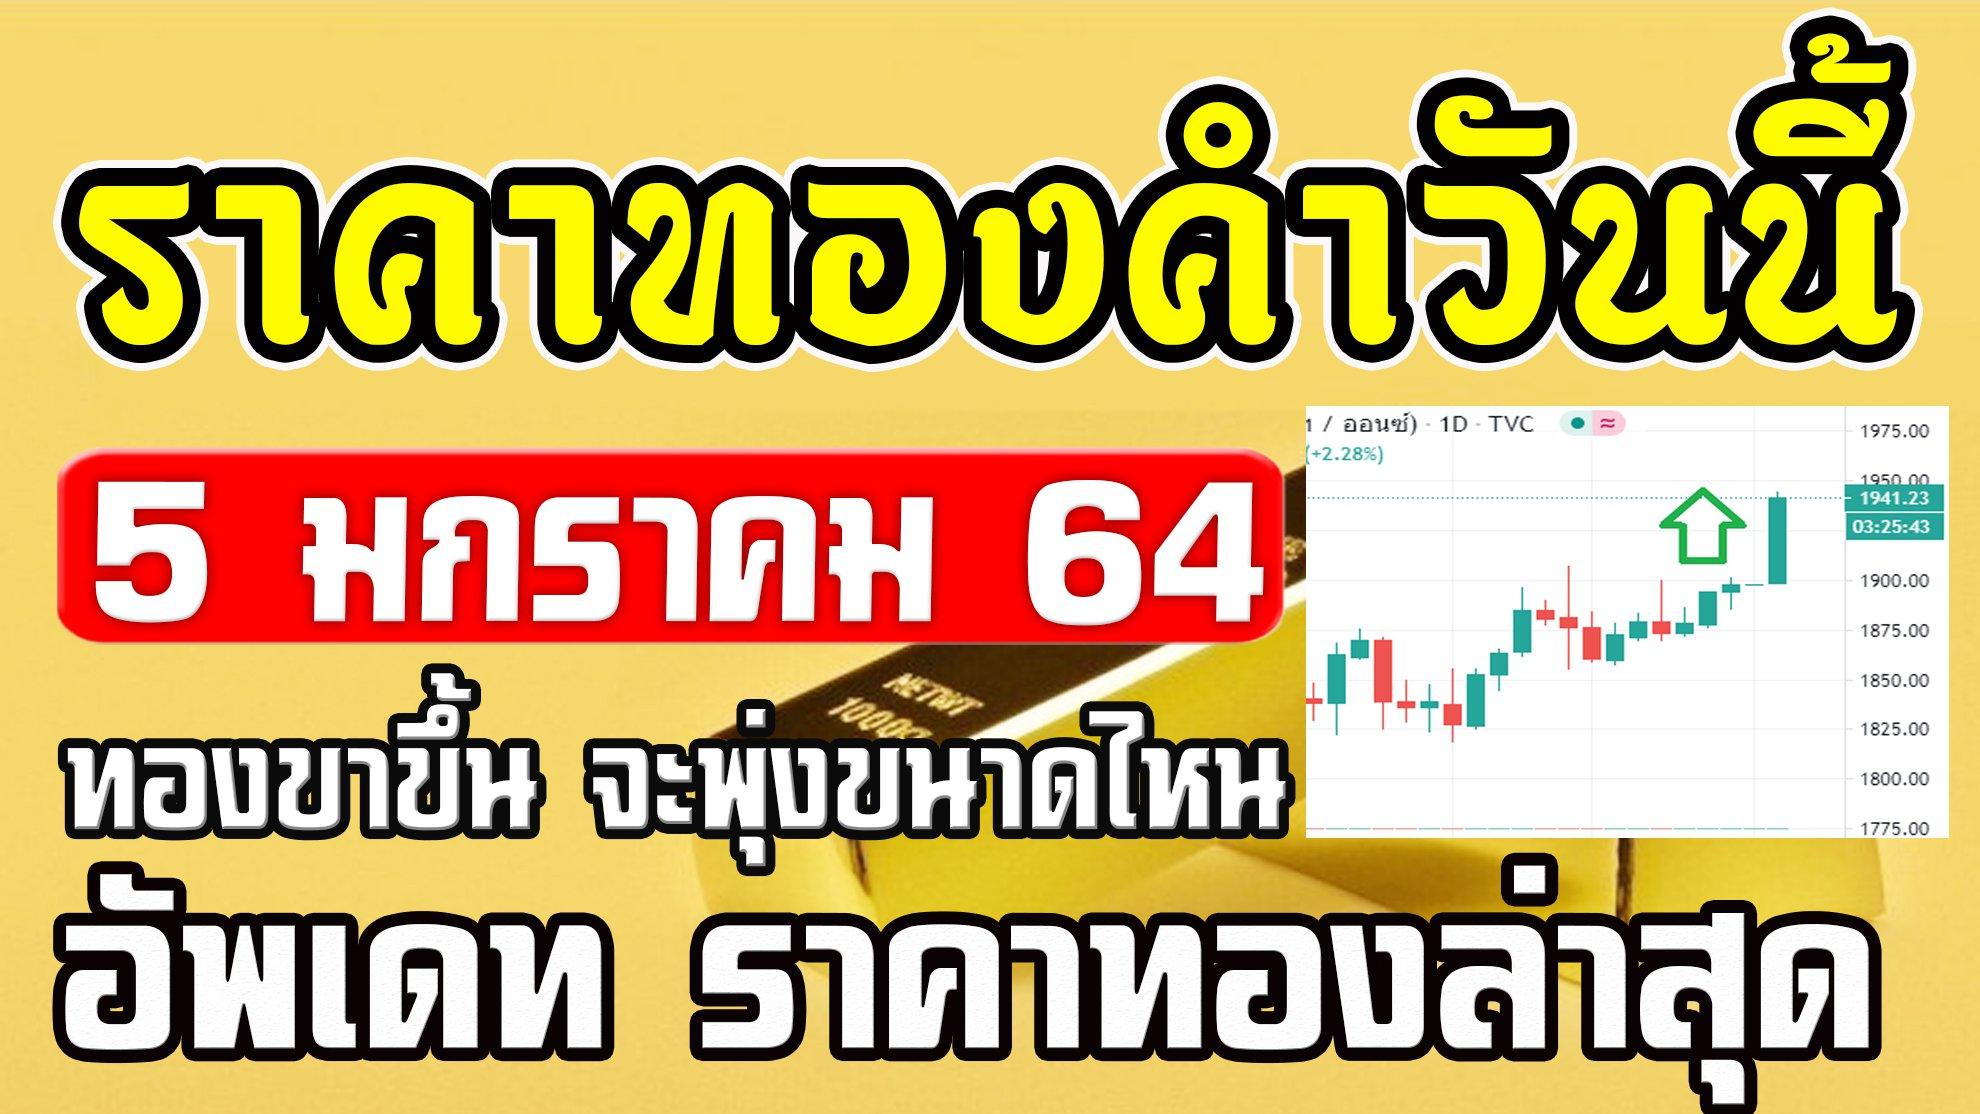 ราคาทองวันนี้ 5/01/64 ราคาทองคำวันนี้ 5มกราคม64 ราคาทองล่าสุด แนวโน้มราคาทองวันนี้ 5ม.ค.64